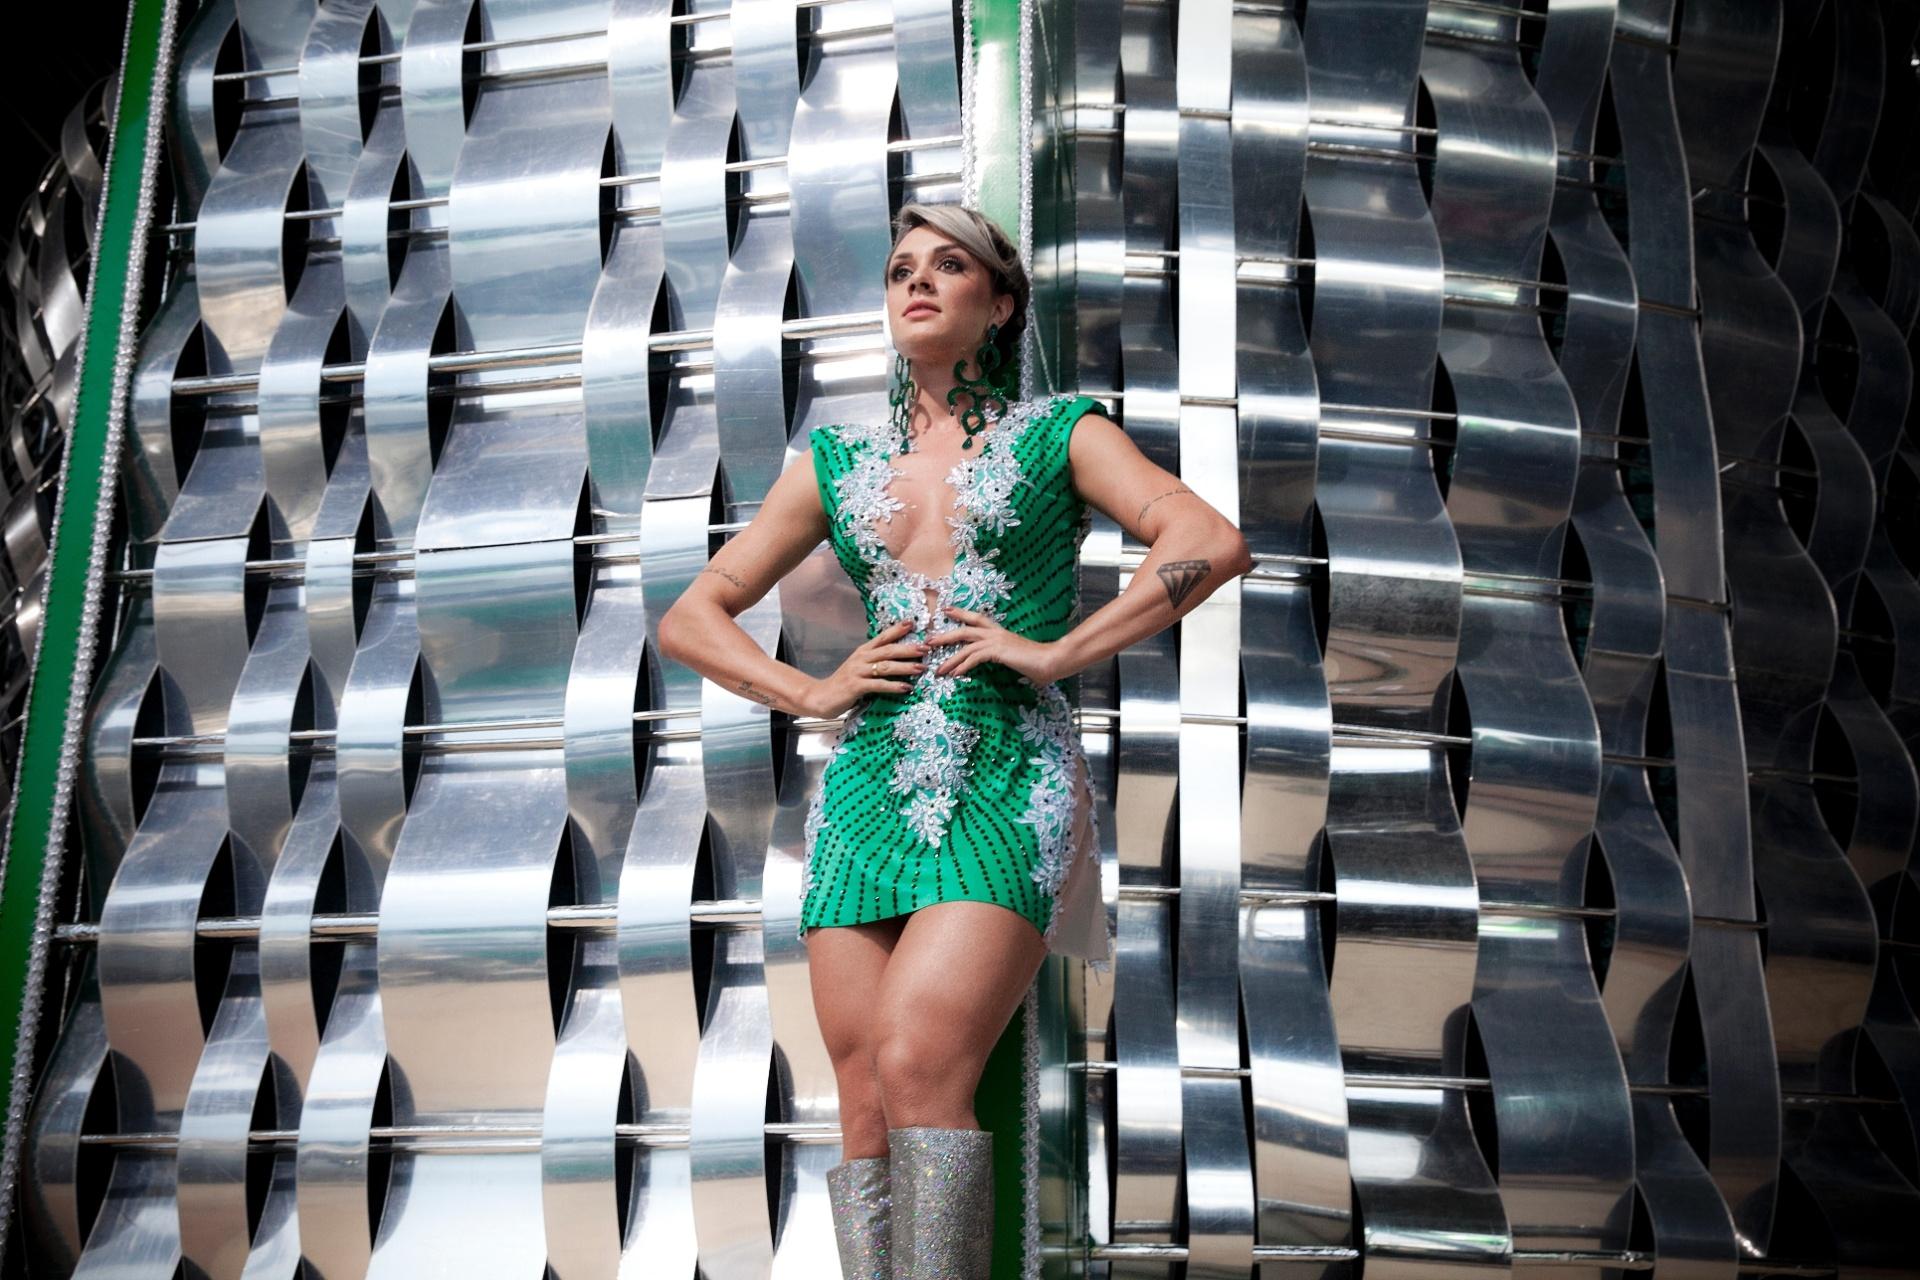 Musa da Mancha há cinco anos, Juju Salimeni desfila em 2015 representando a escola mais uma vez. A modelo posou para o UOL nas alegorias que estão sendo preparadas para o desfile no Sambódromo do Anhembi, em São Paulo, que acontece na sexta-feira (13)